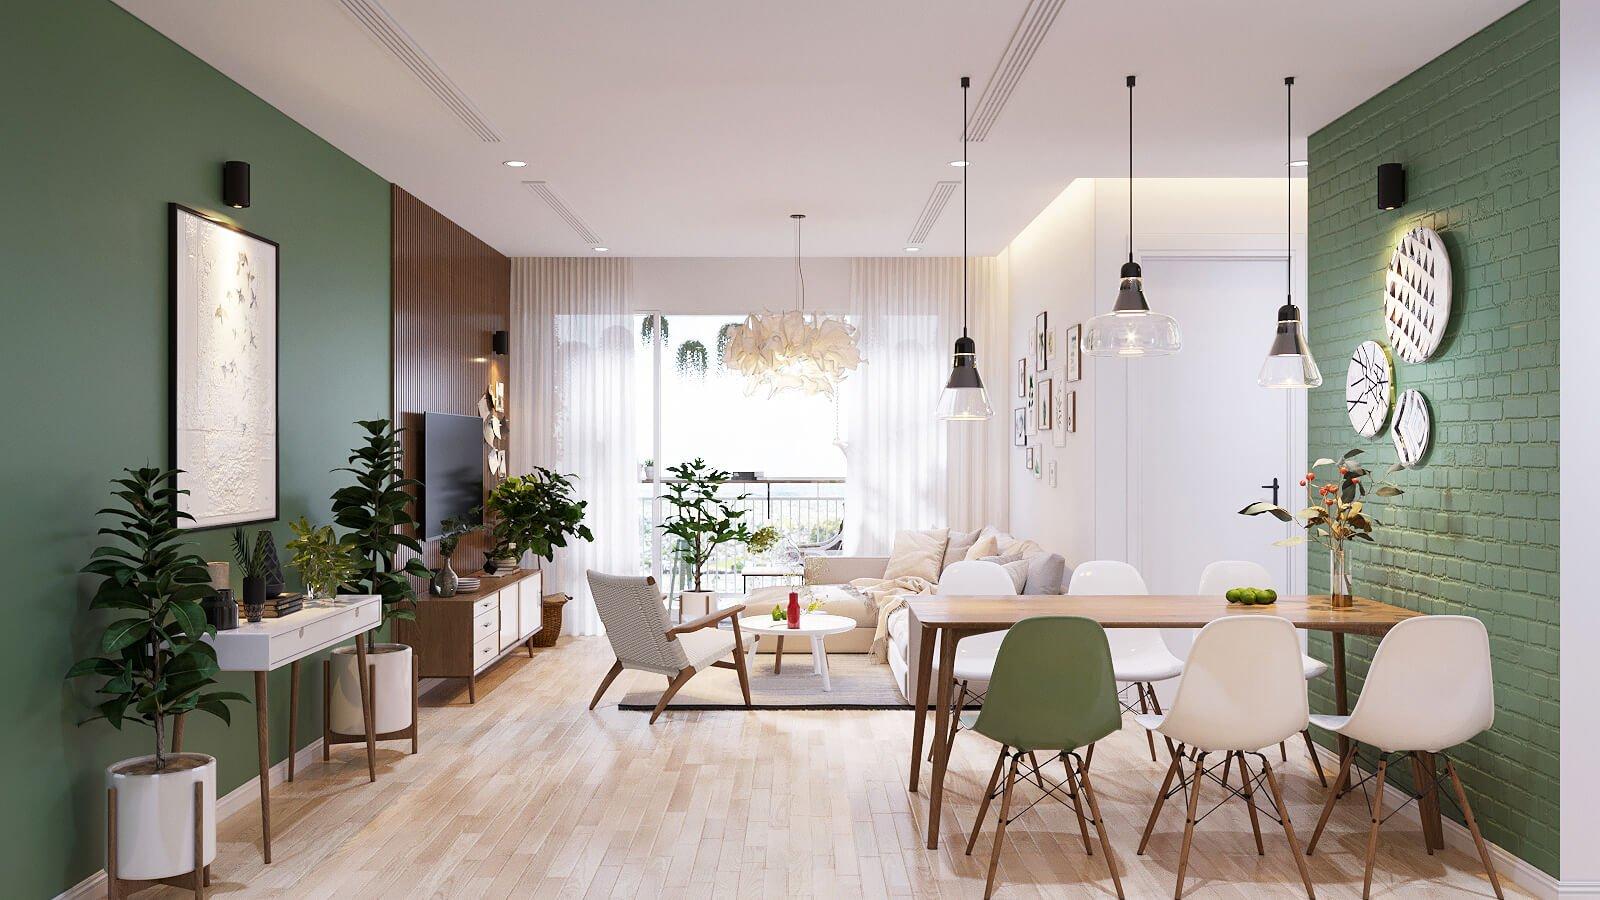 mẫu thiết kế nội thất chung cư scandinavia 1